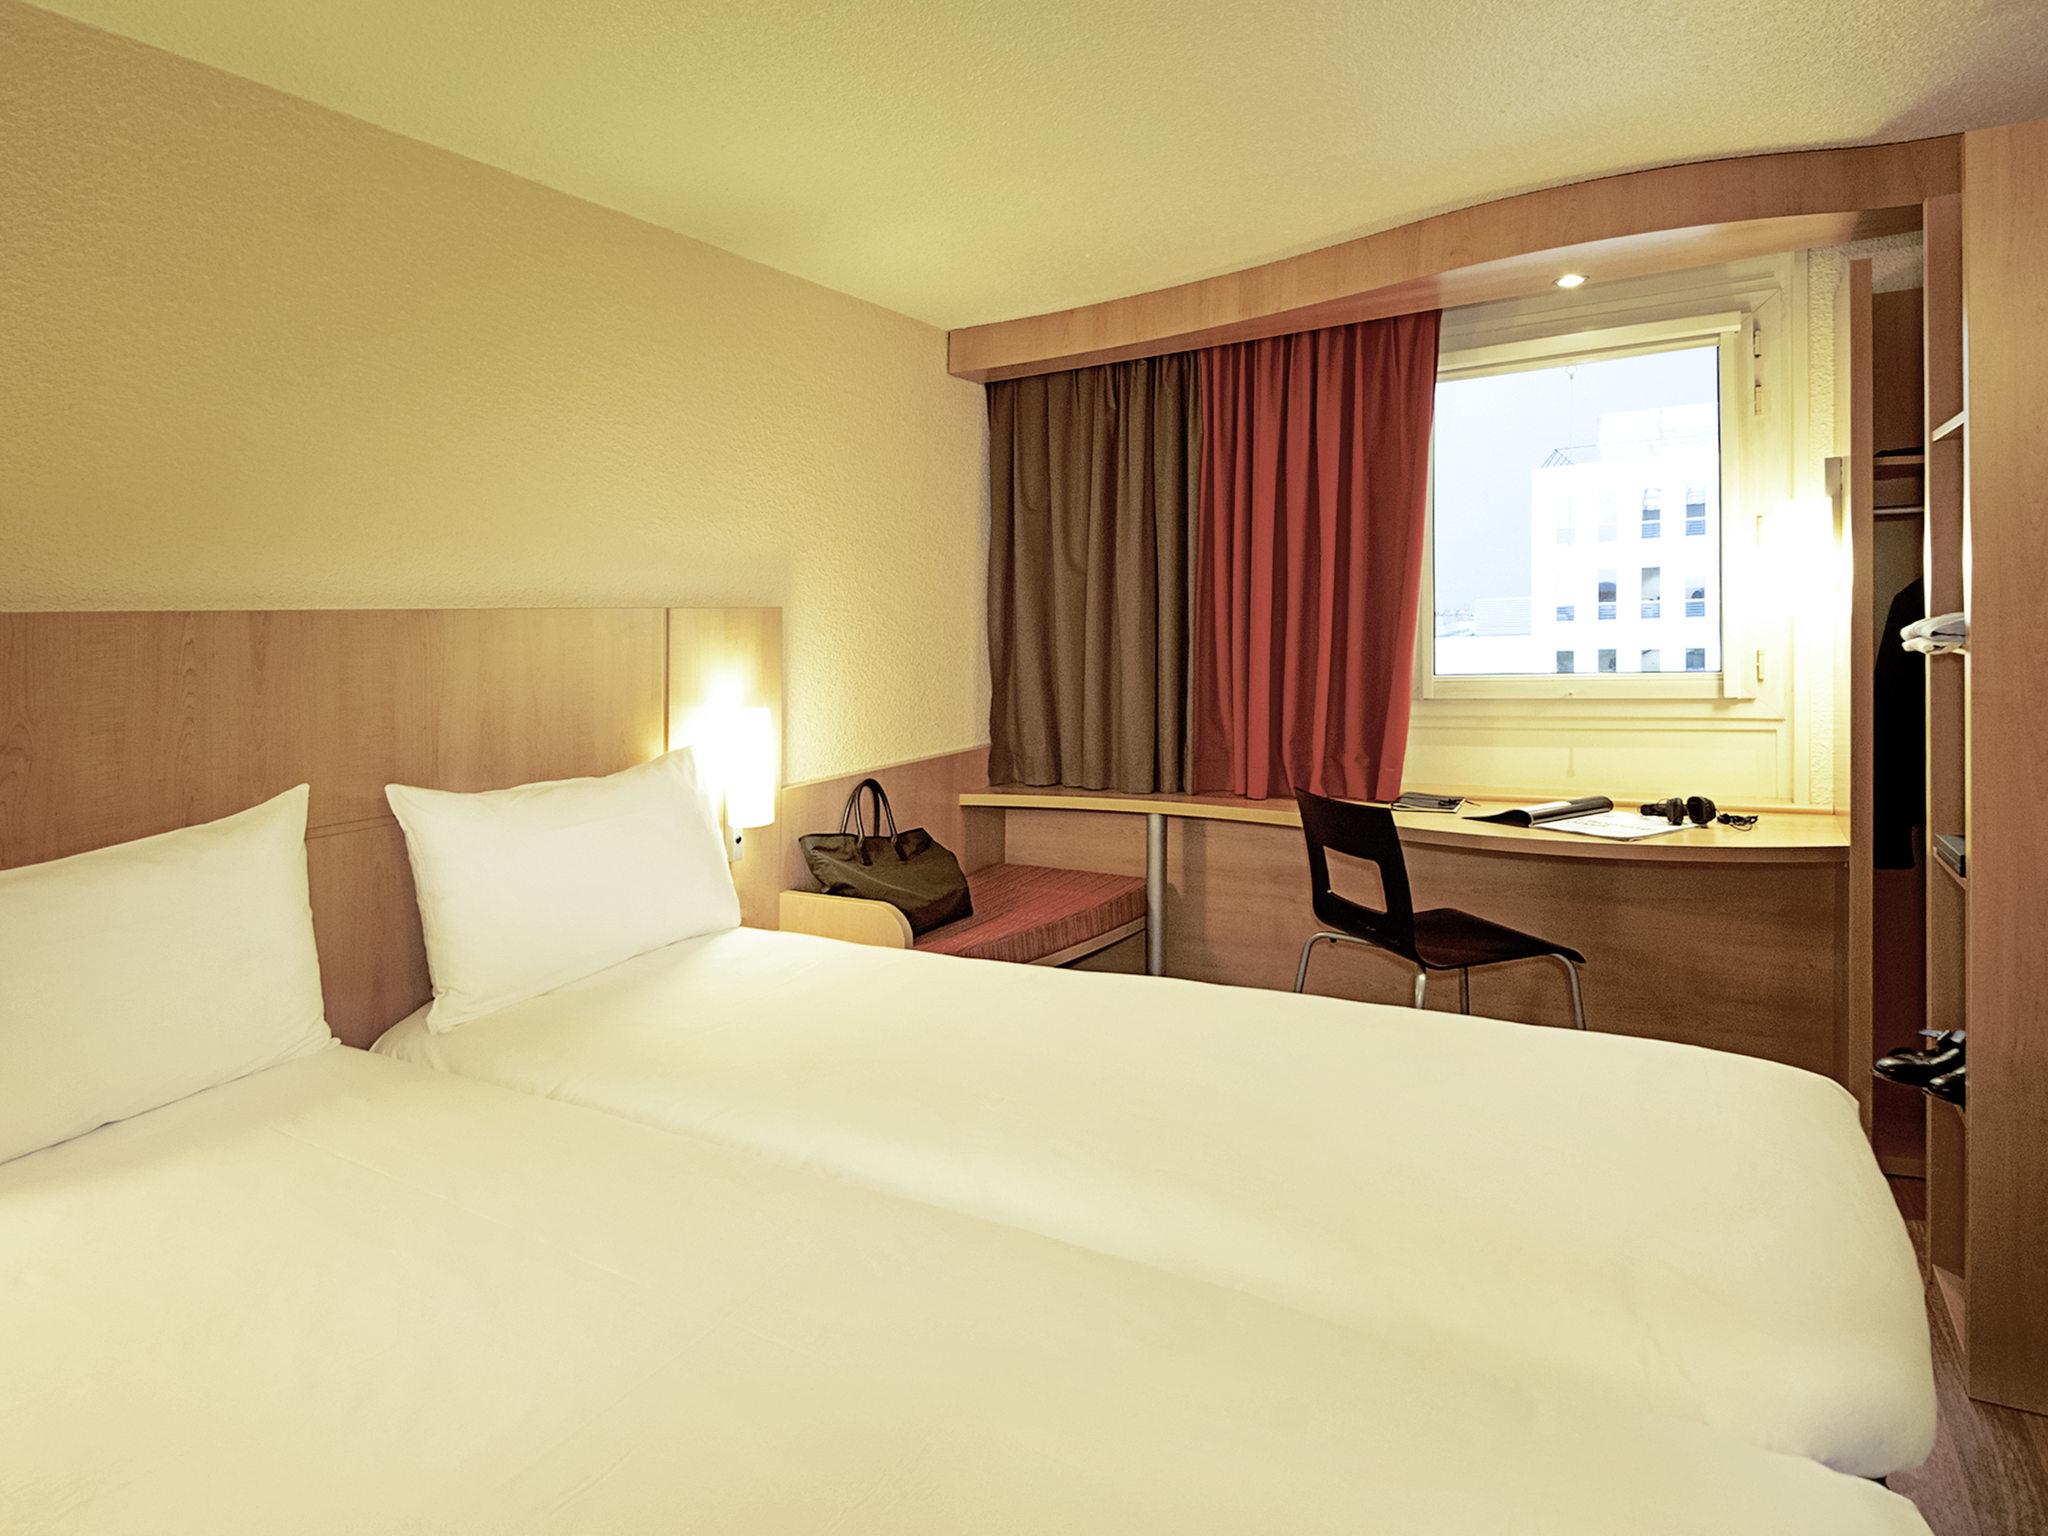 ホテル – イビスデュッセルドルフハウプトバーンホフ